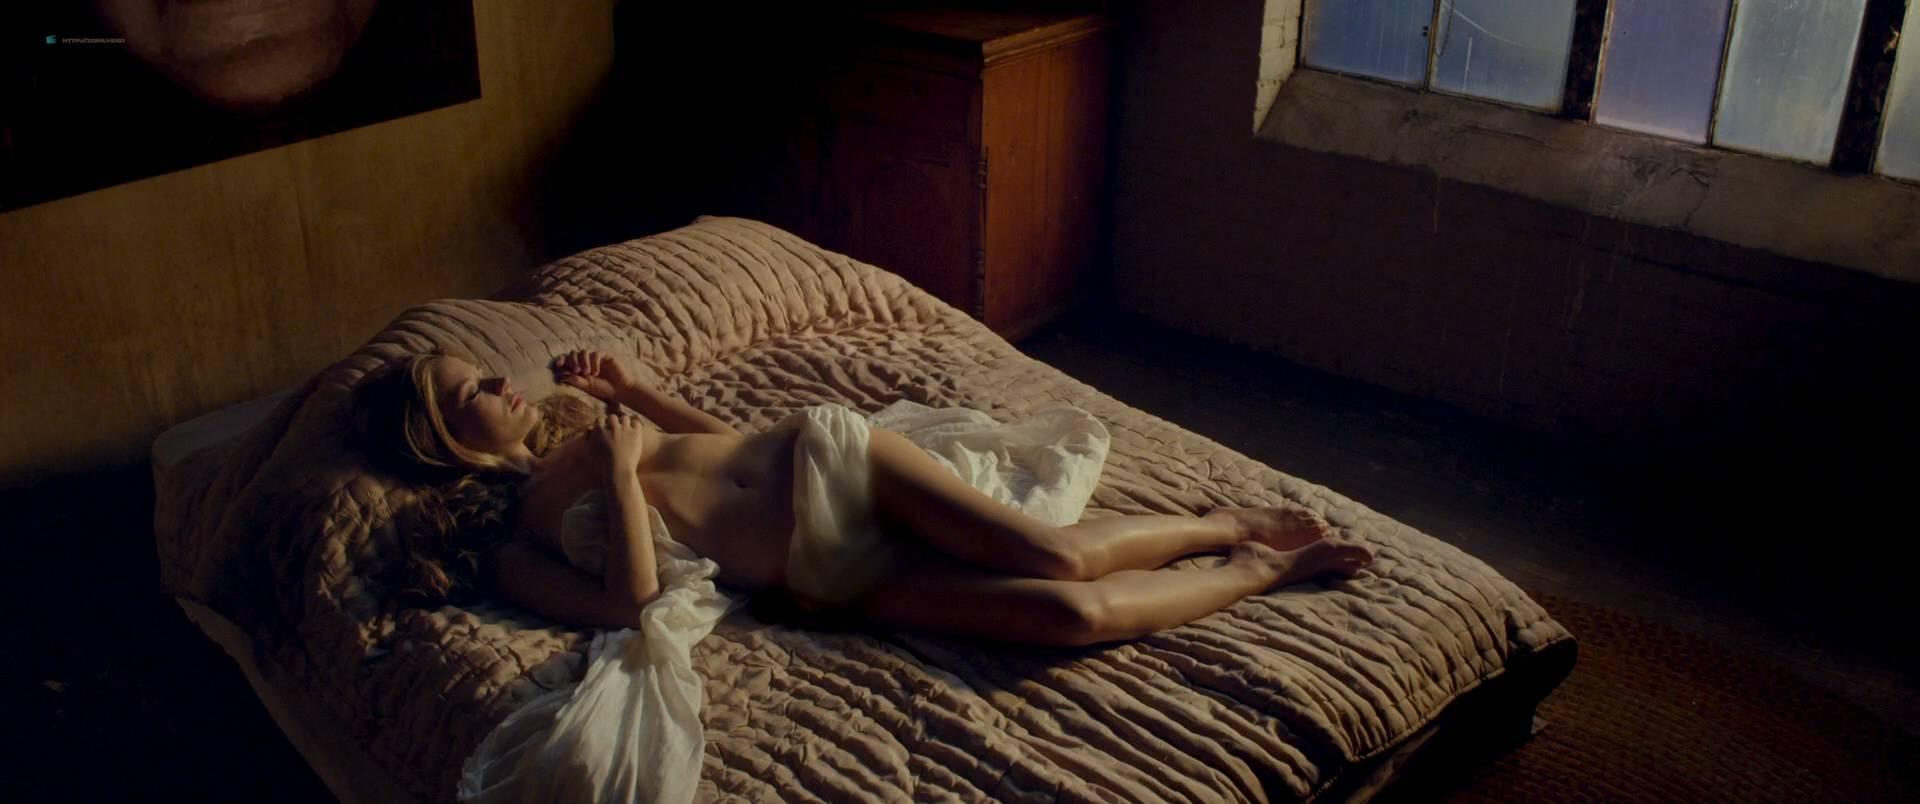 hot nude pics of sarah roemer